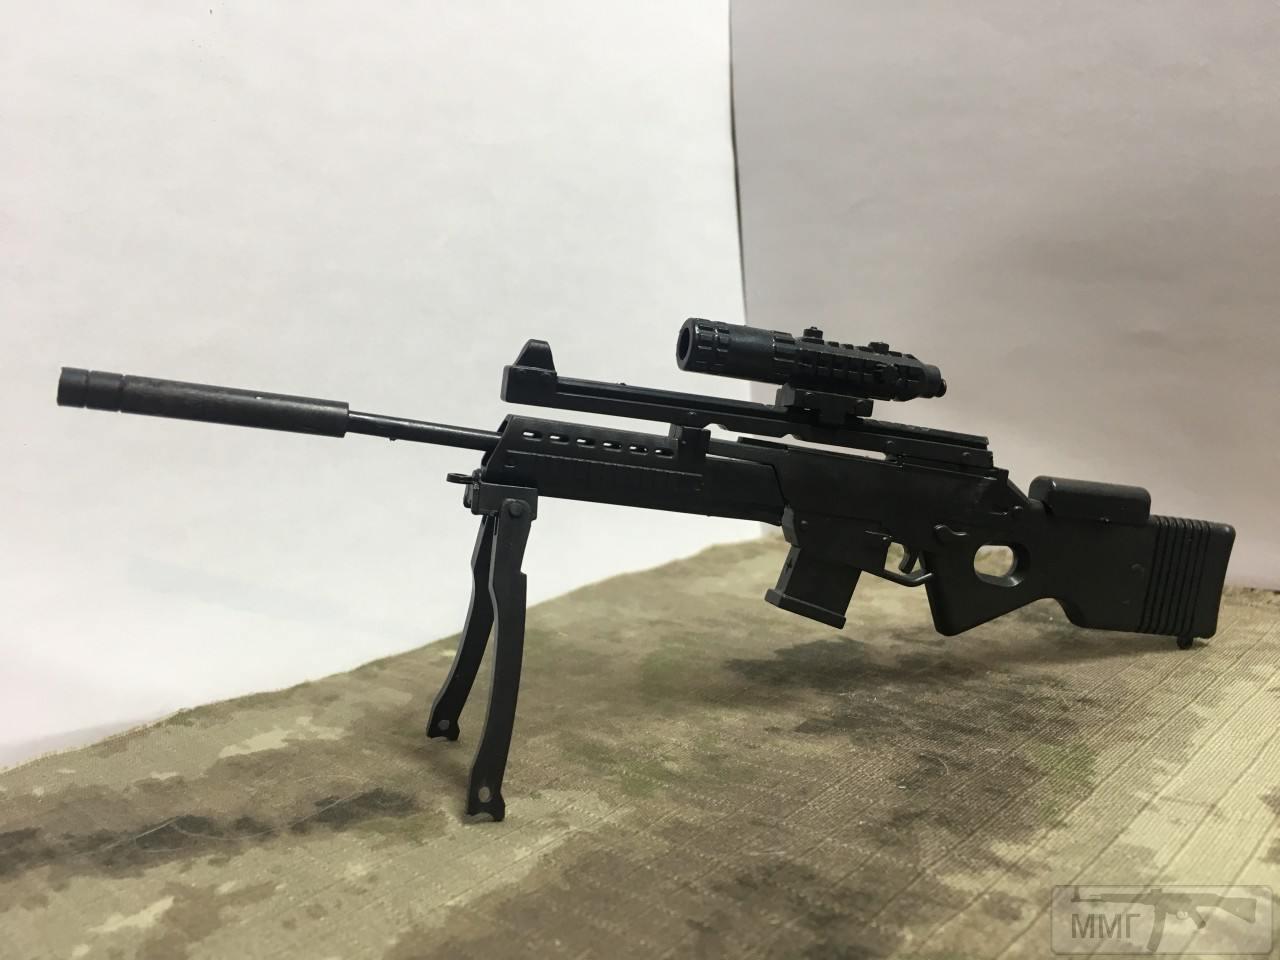 54017 - Макеты оружия/ модели 1:6